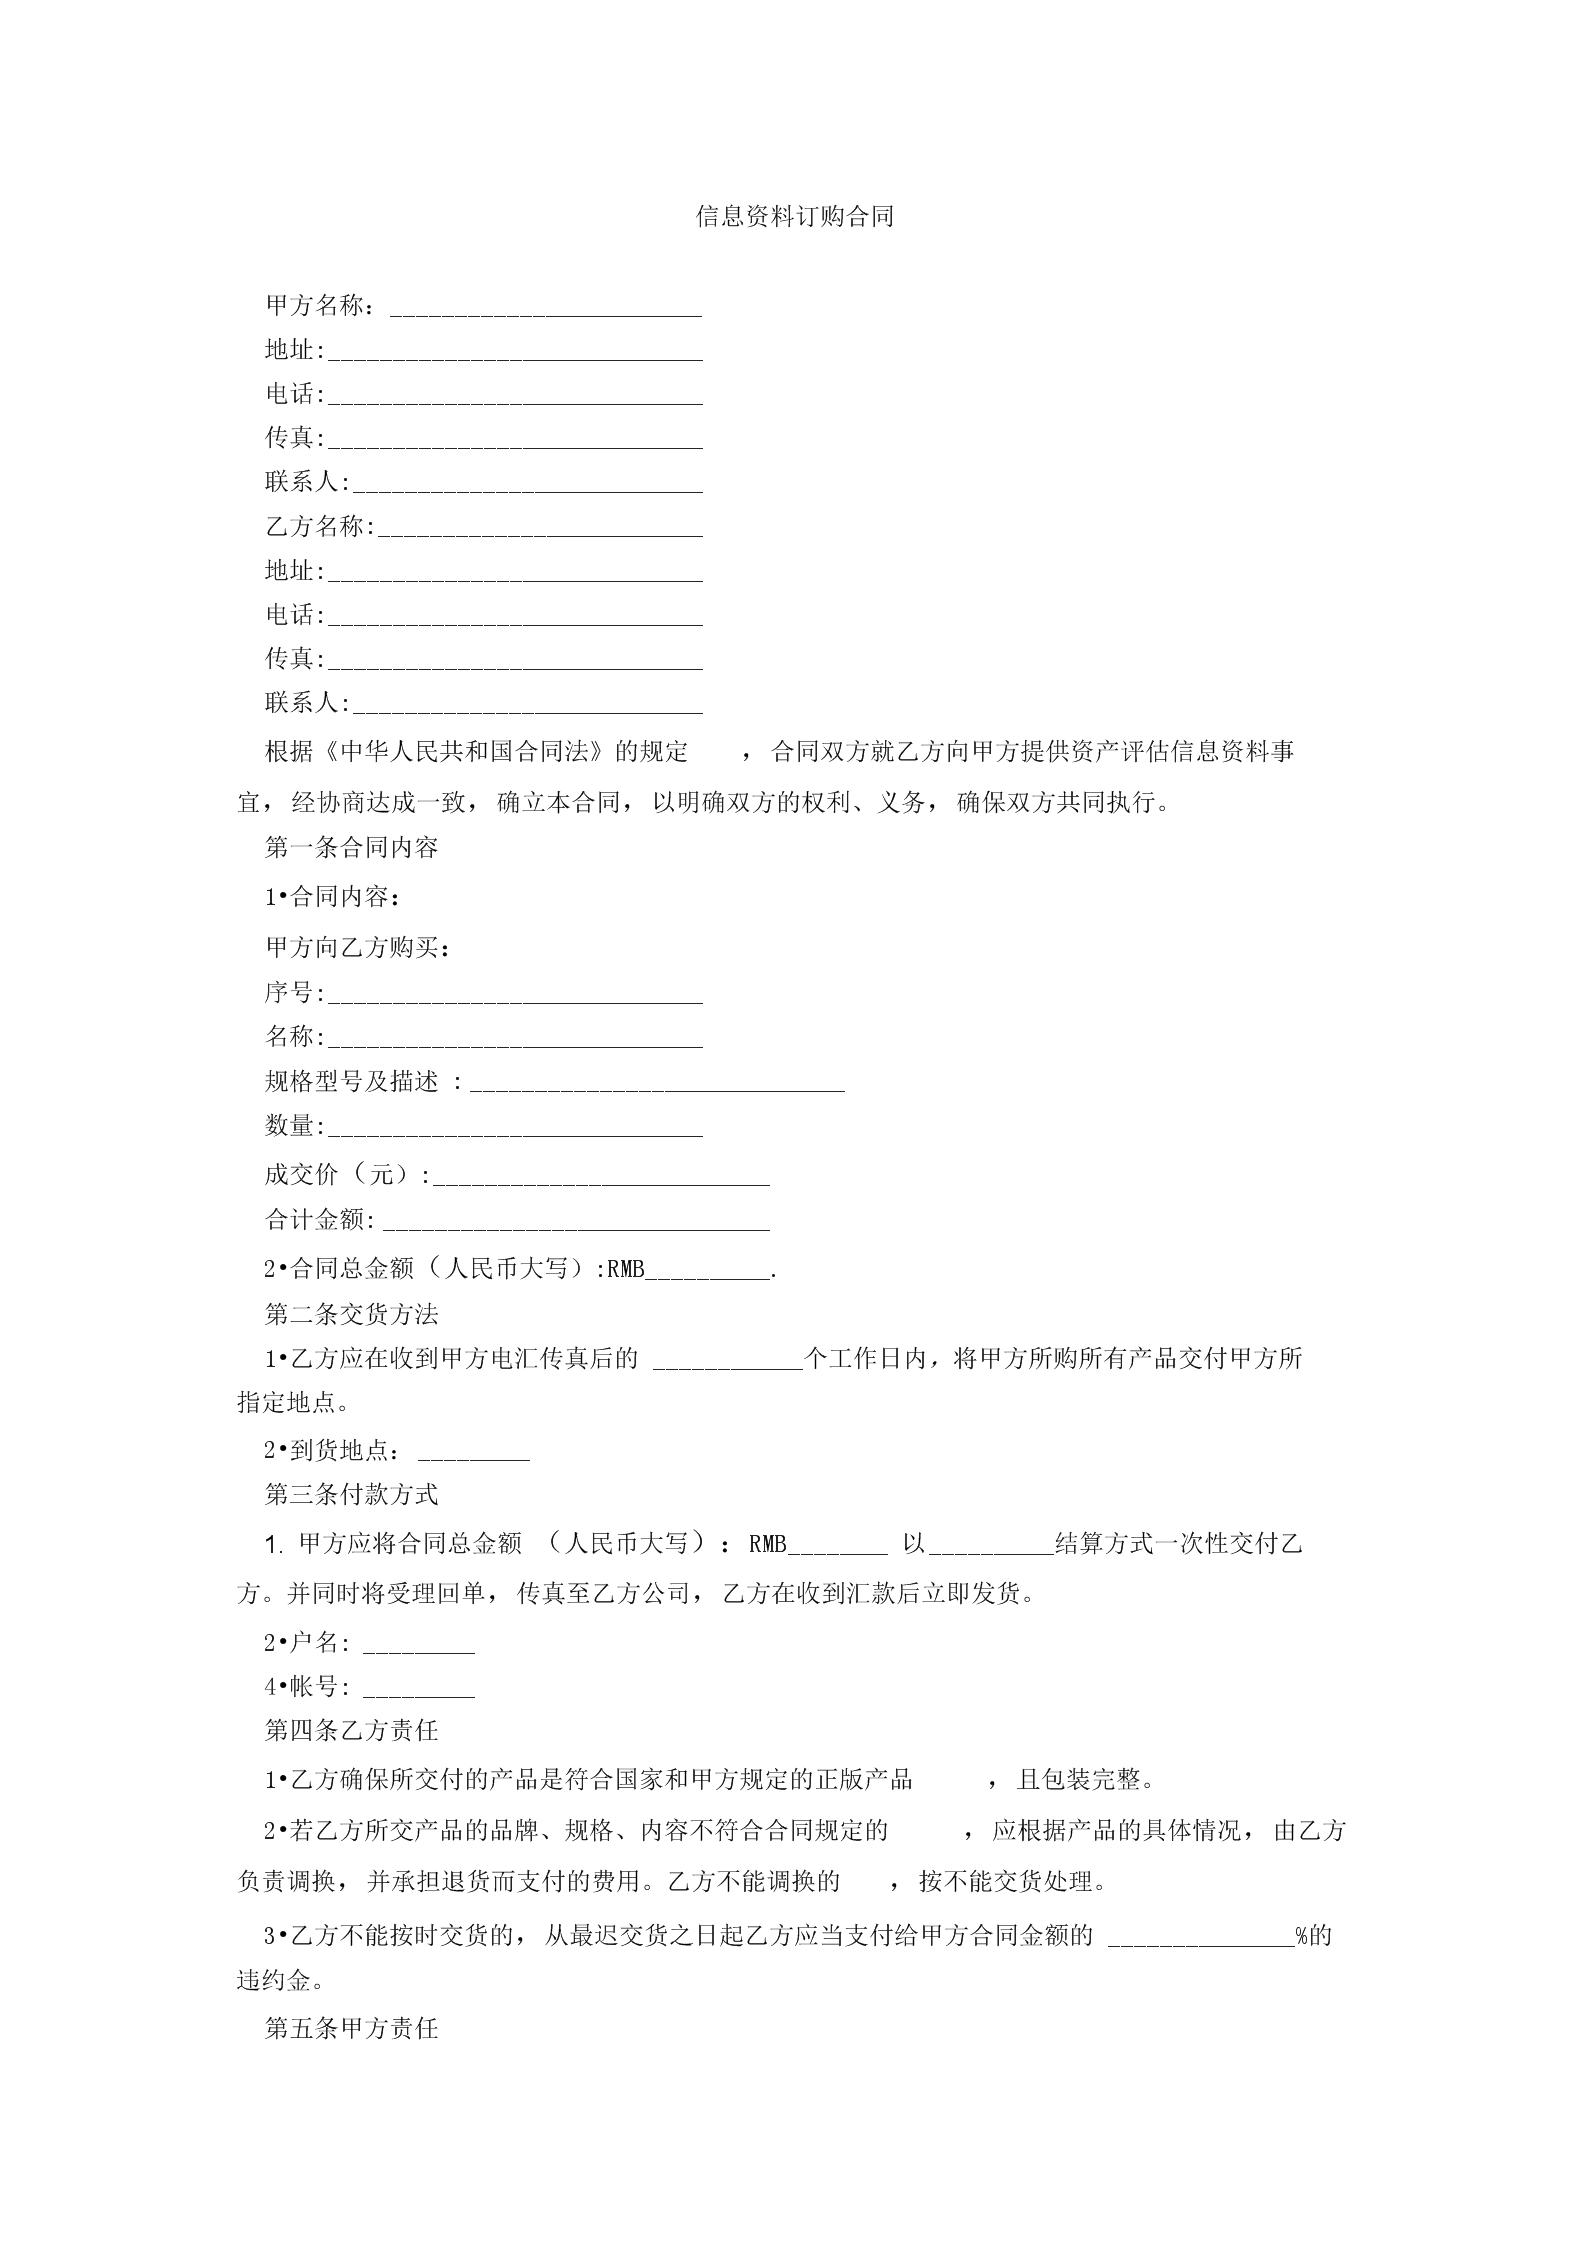 信息资料订购合同_0.docx